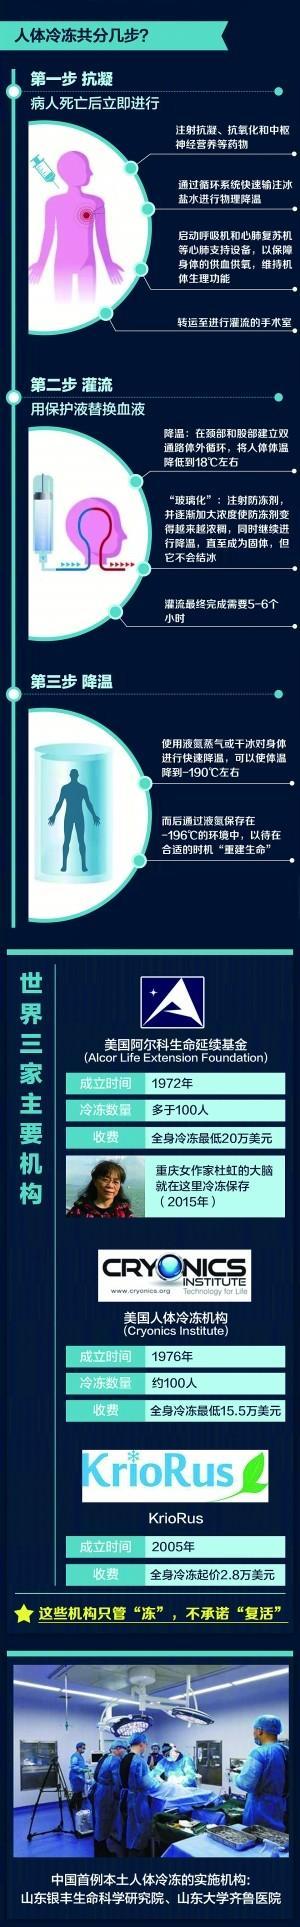 中国首例冷冻人丈夫:即使活不过来也为医学做了贡献